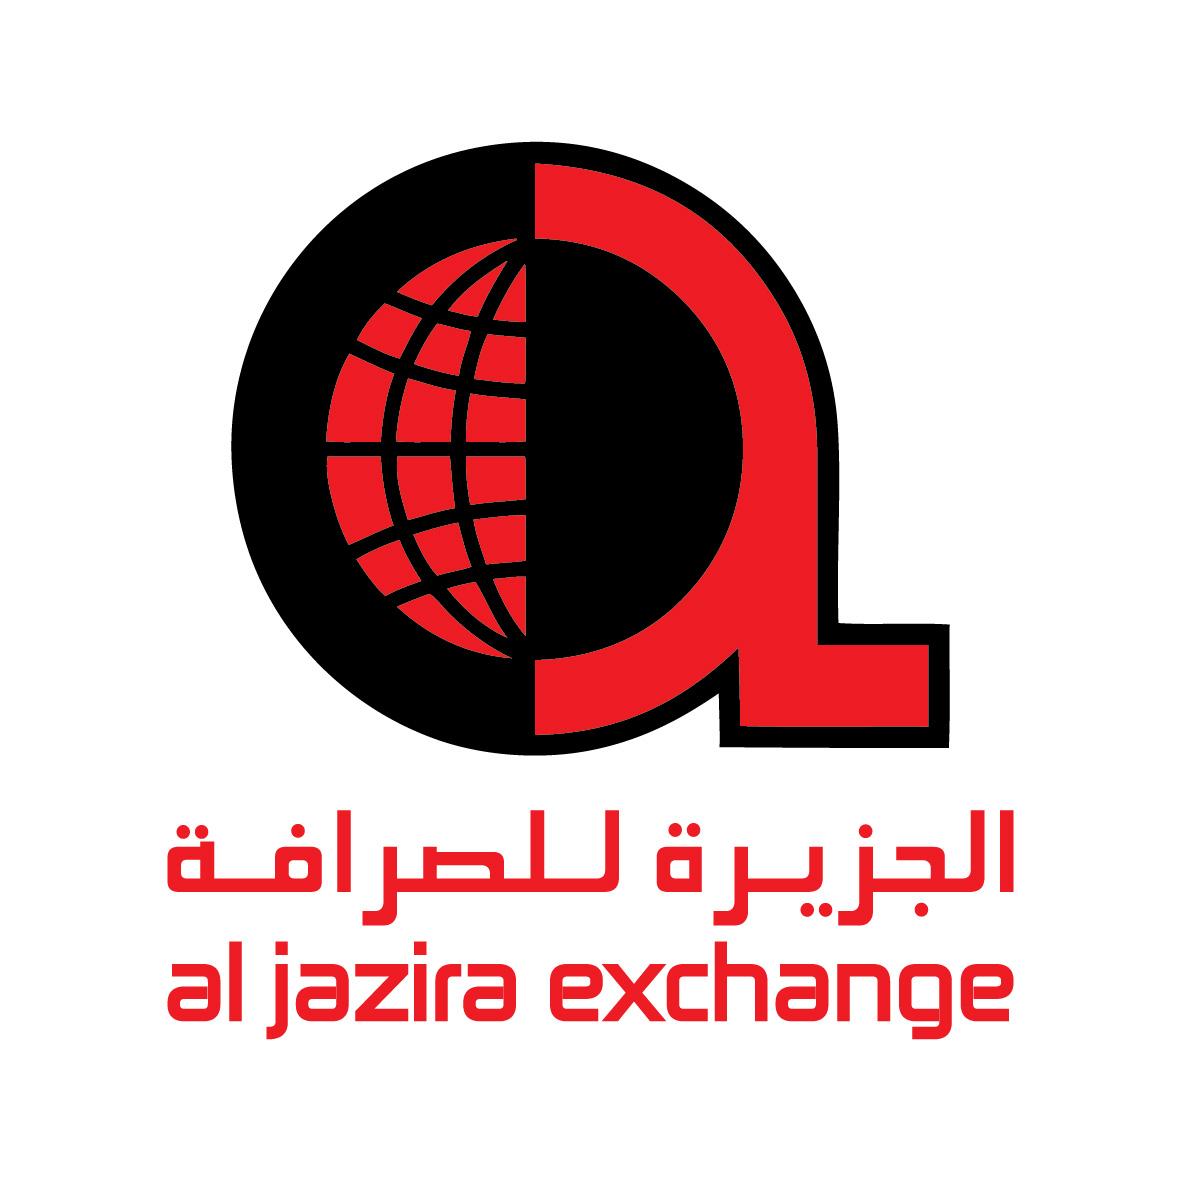 Banking finance jobs in uae dubizzle uae marketing executive teller customer service buycottarizona